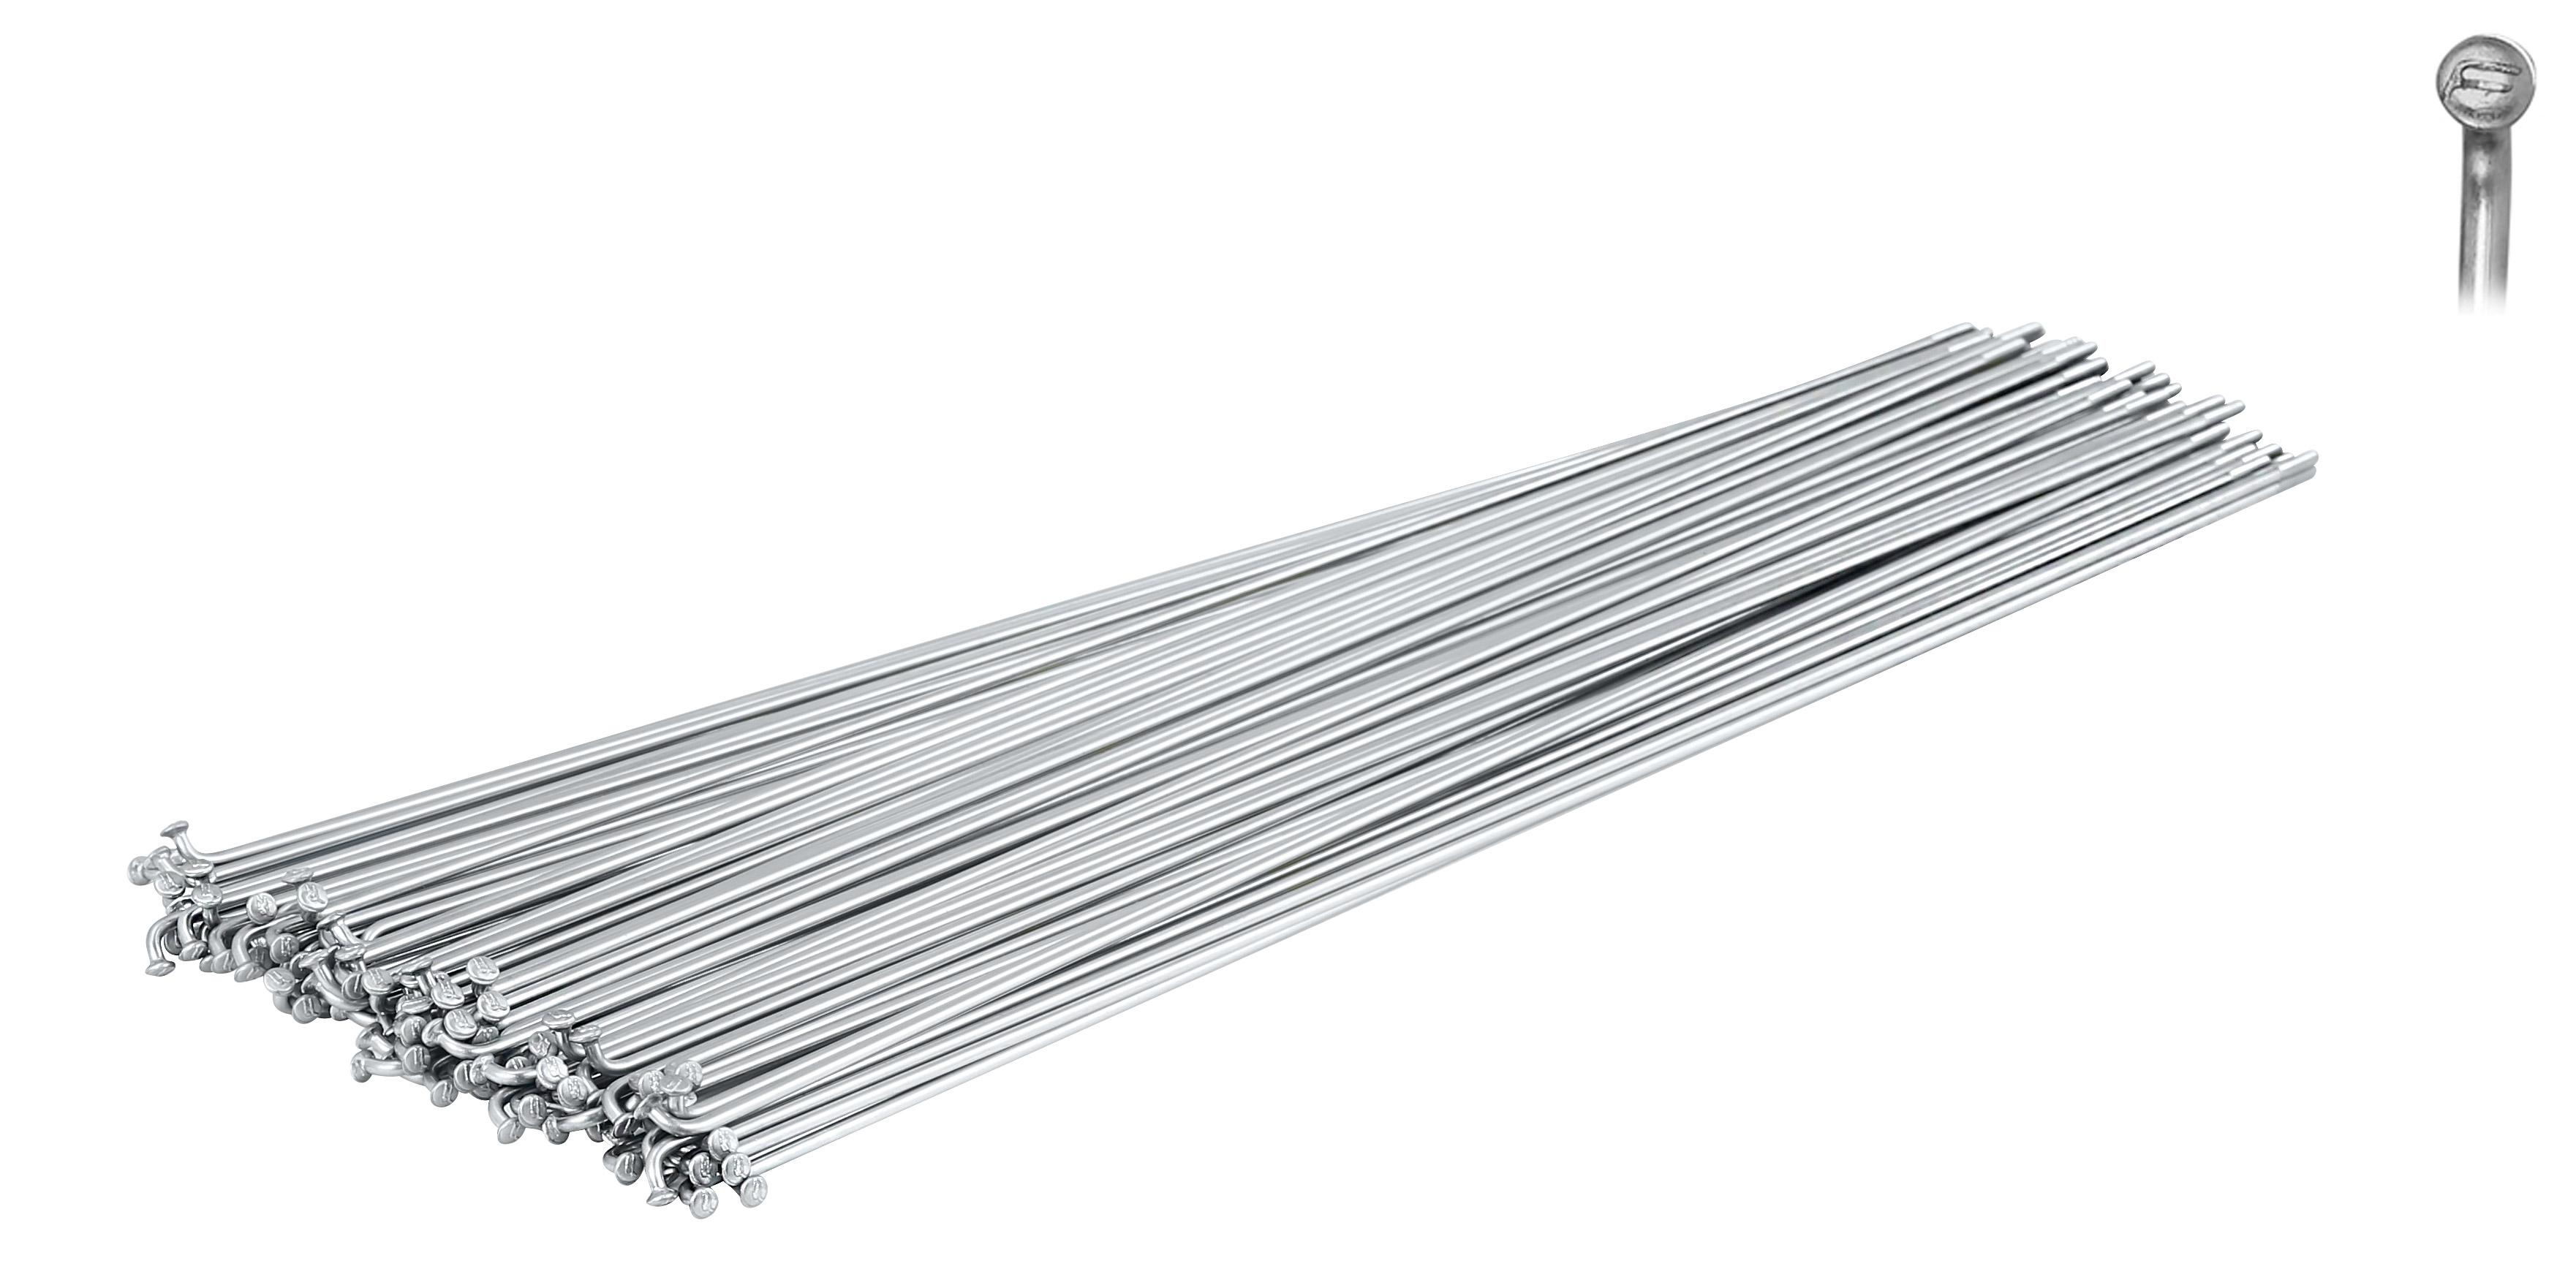 dráty FORCE nerez stříbrné 2 mm x 256 mm